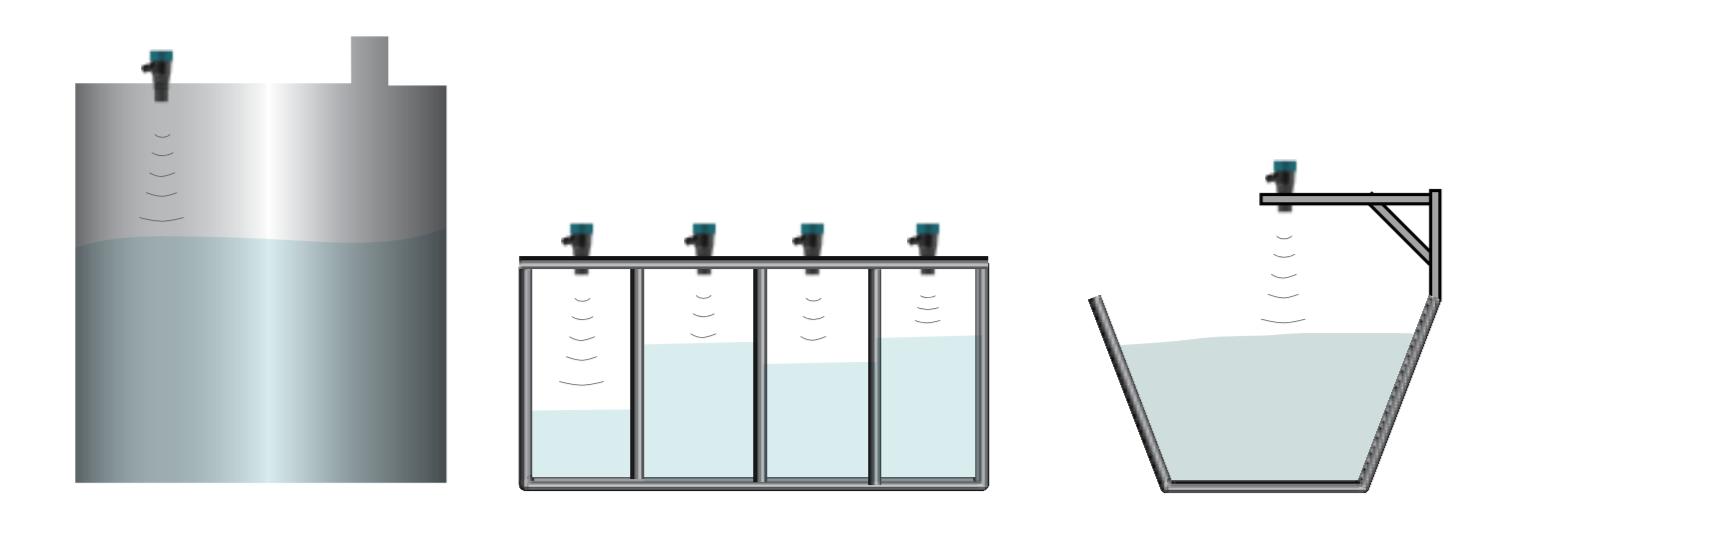 Cảm biến đo mức nước 0-10m và cách lắp